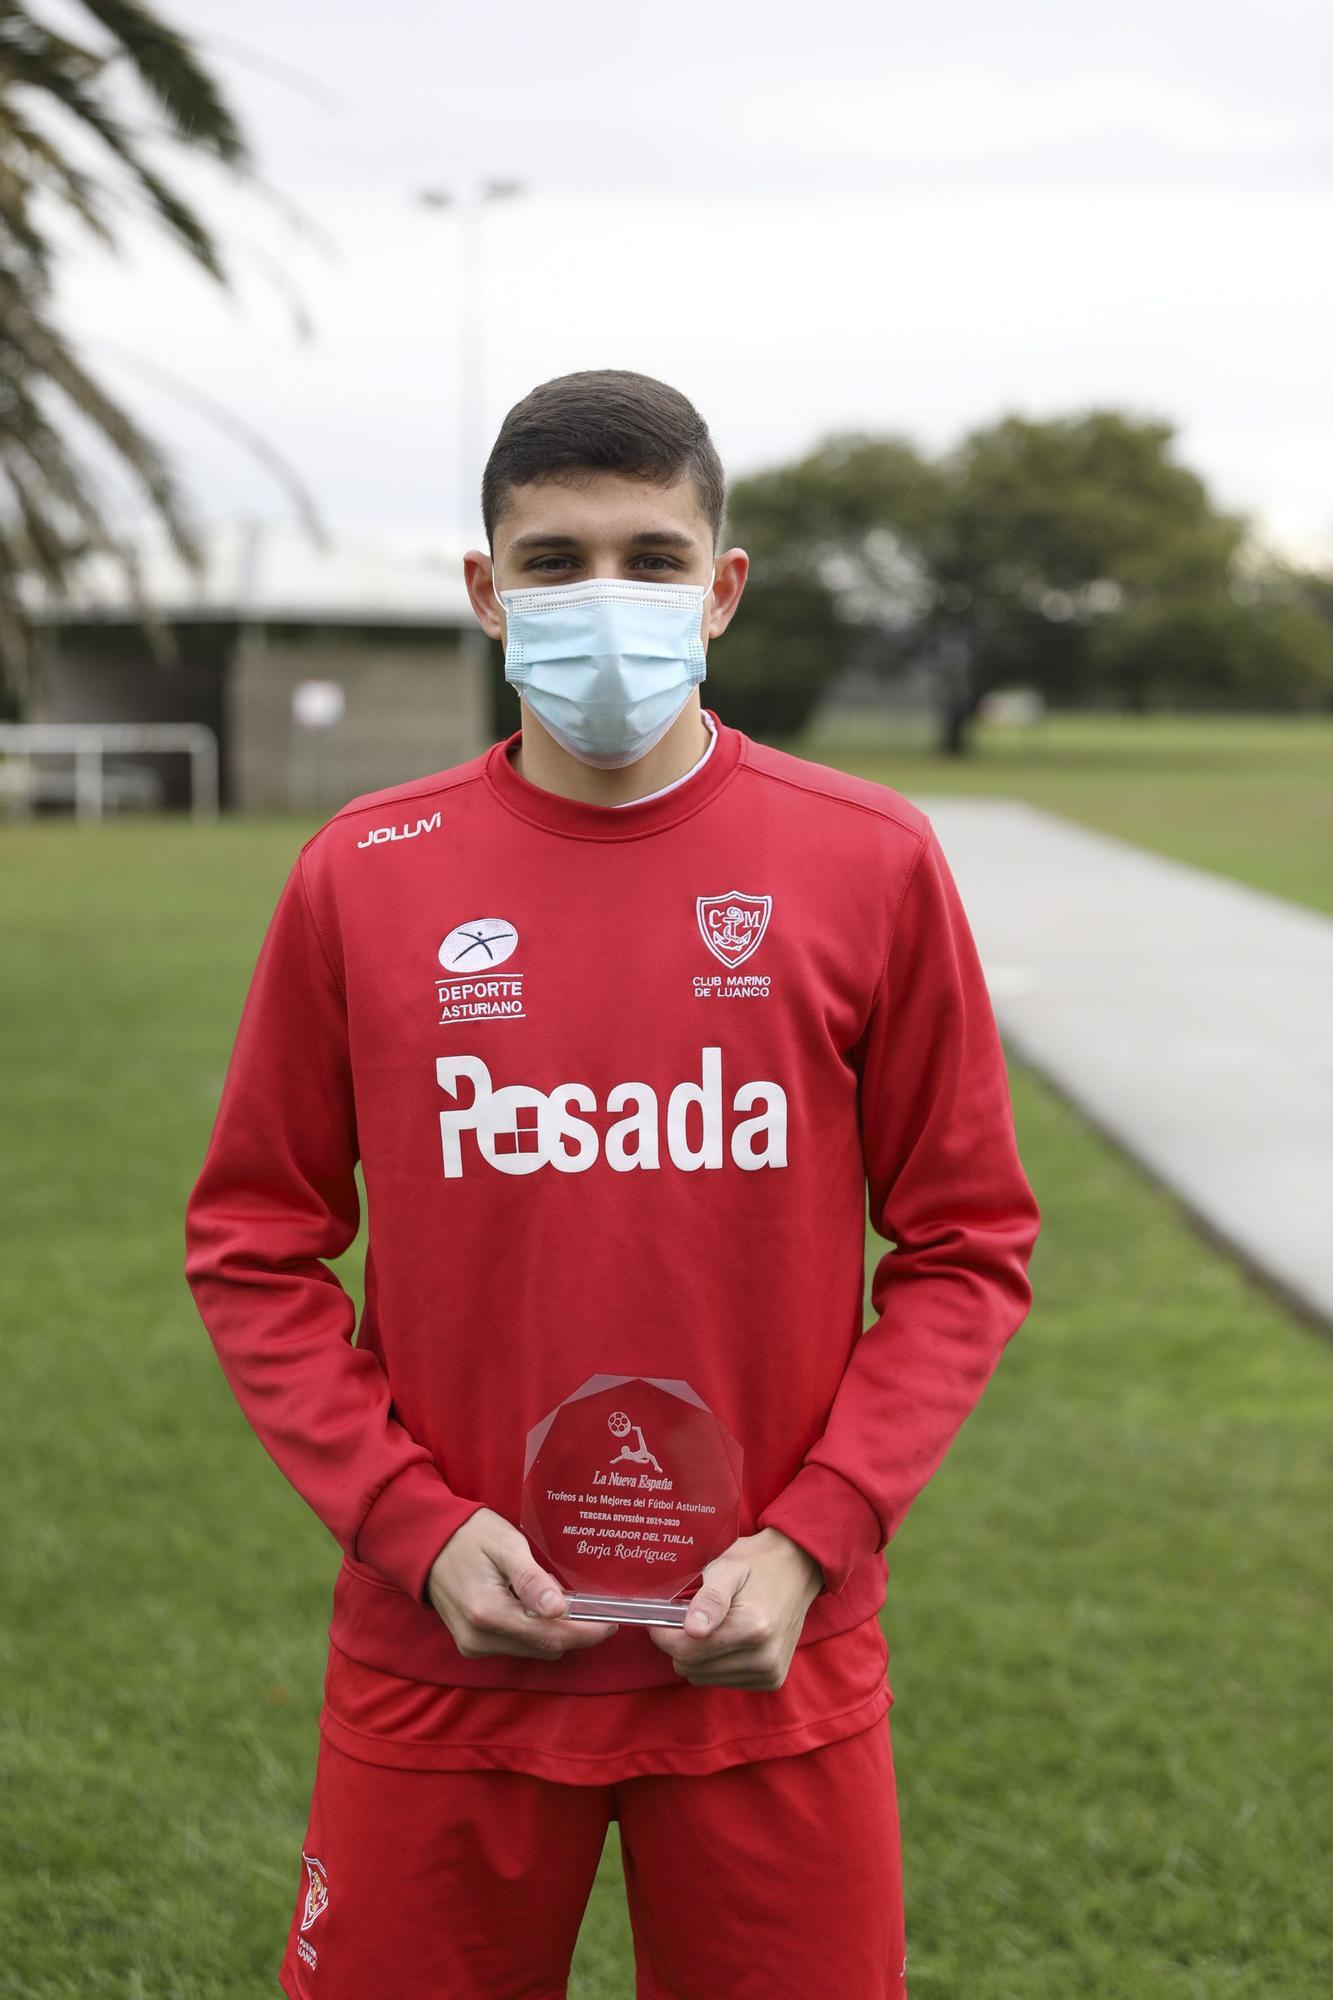 Mejor jugador del Tuilla. Borja Rodriguez.jpg